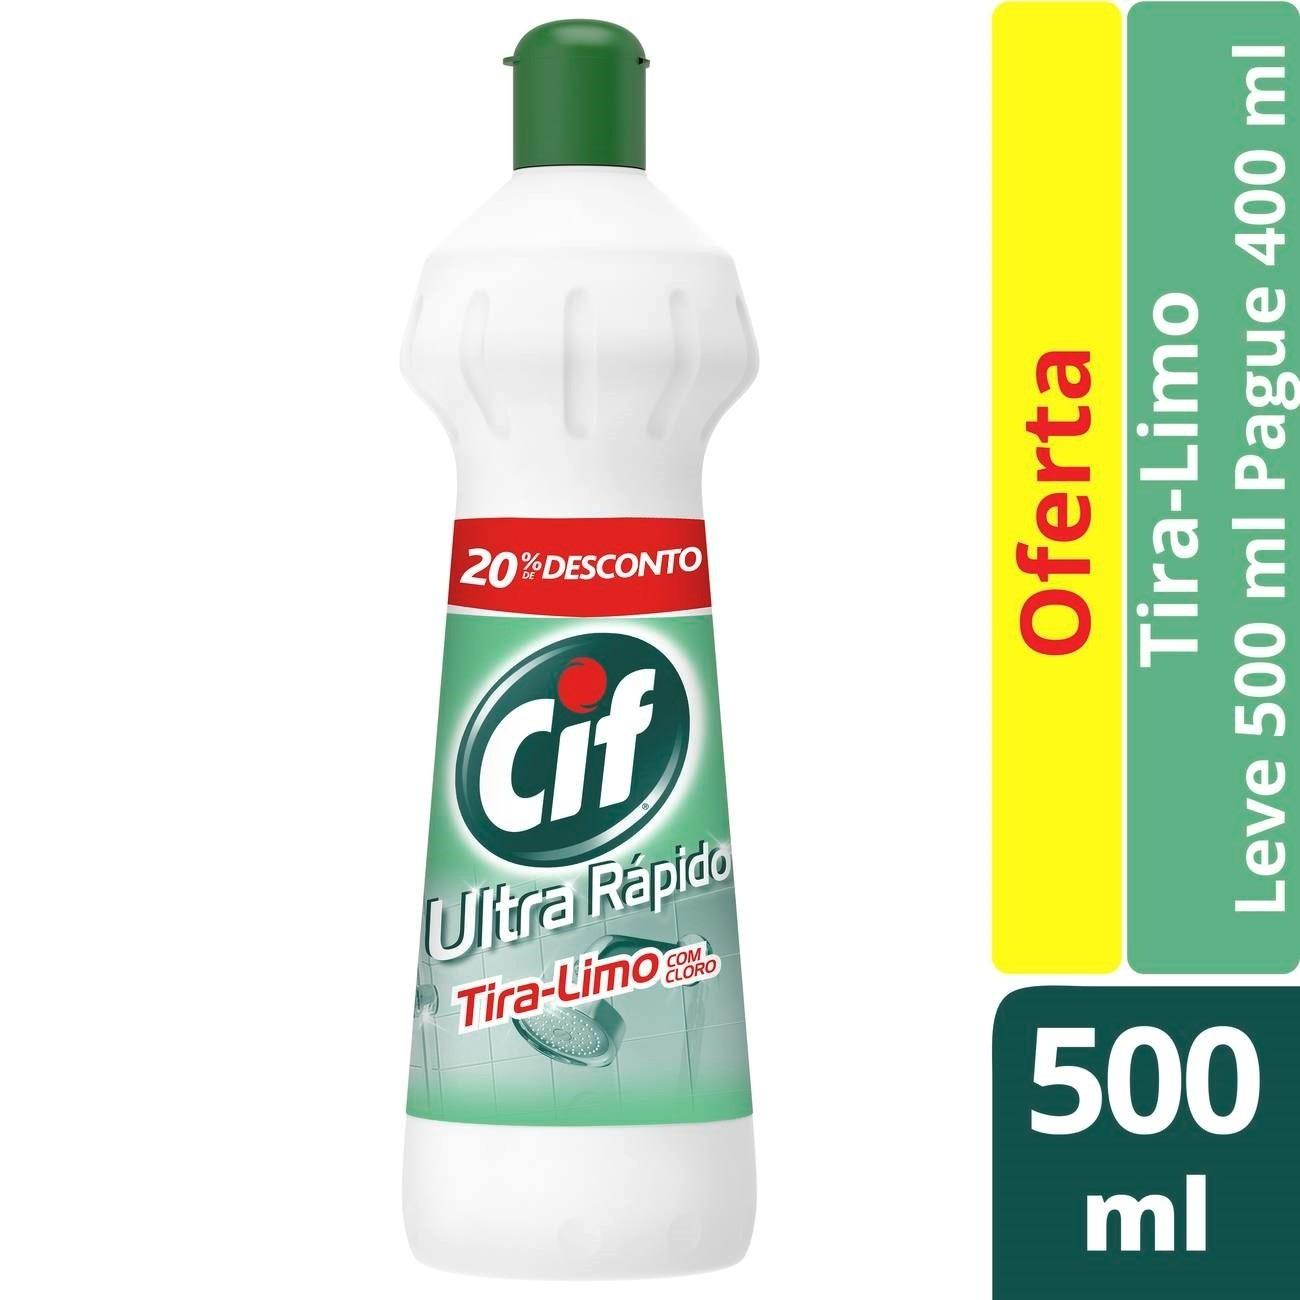 Limpador Cif Tira-Limo Com Cloro Esqueeze 500Ml